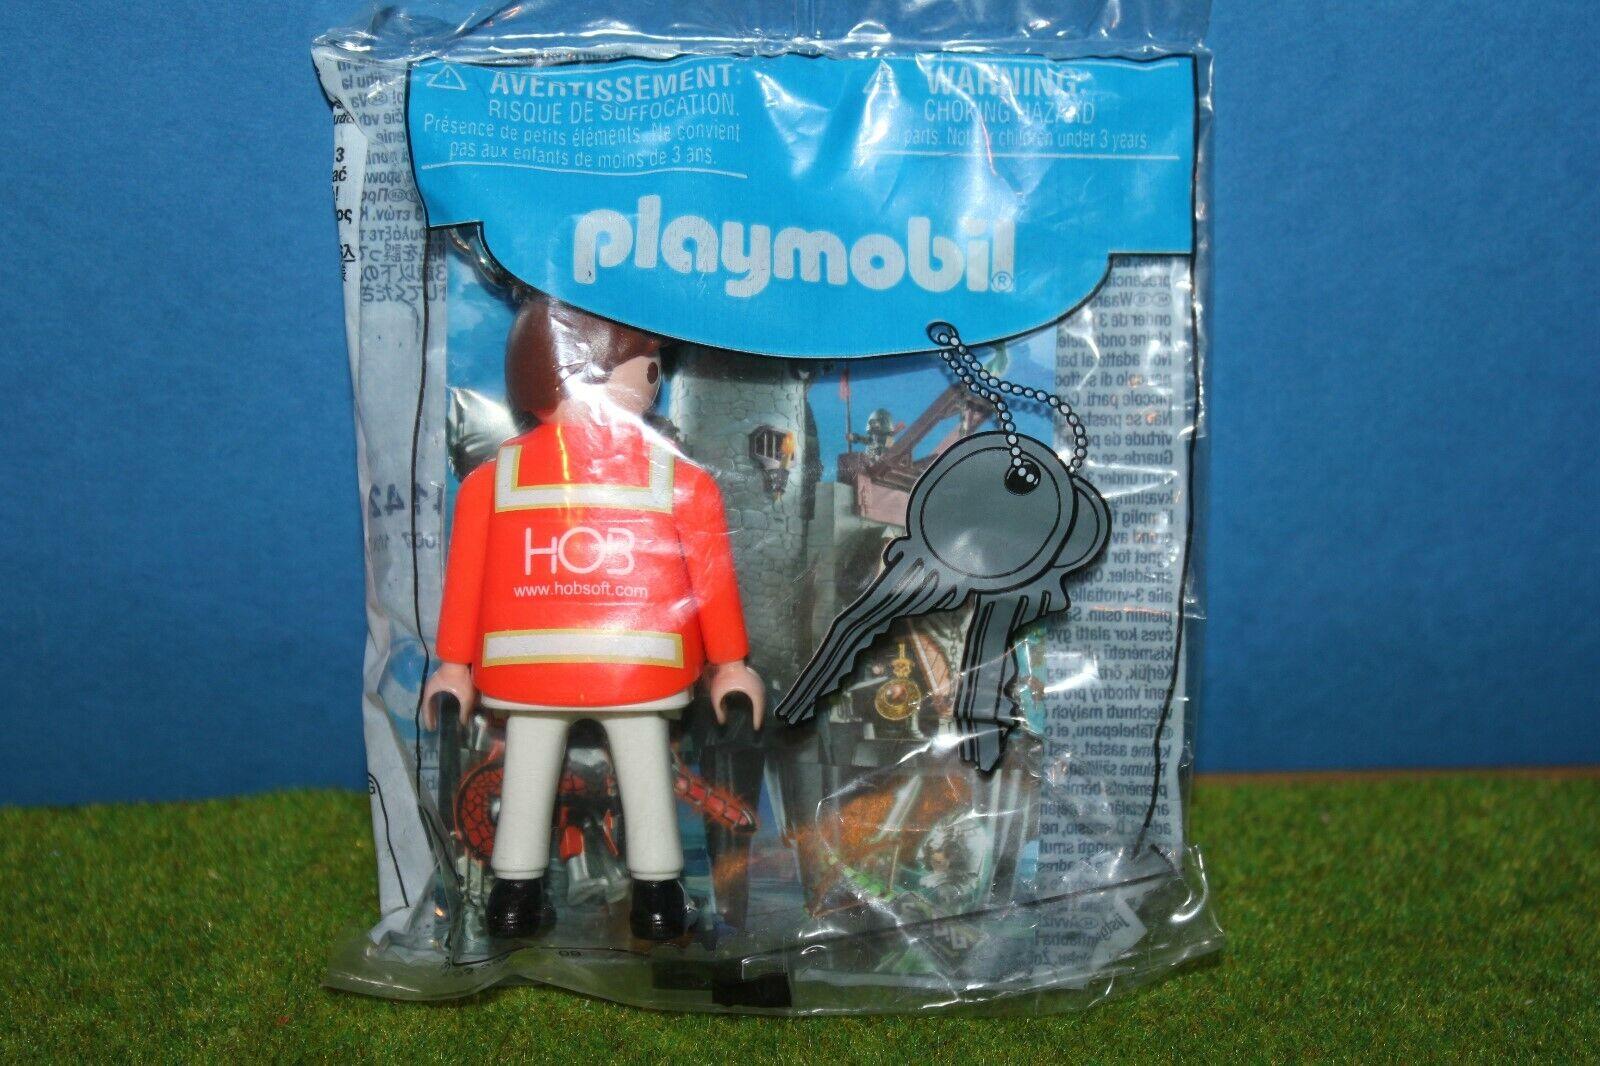 Playmobil    HOB  Schlüsselanhänger   Promo Werbefigur Neu OVP Keyring